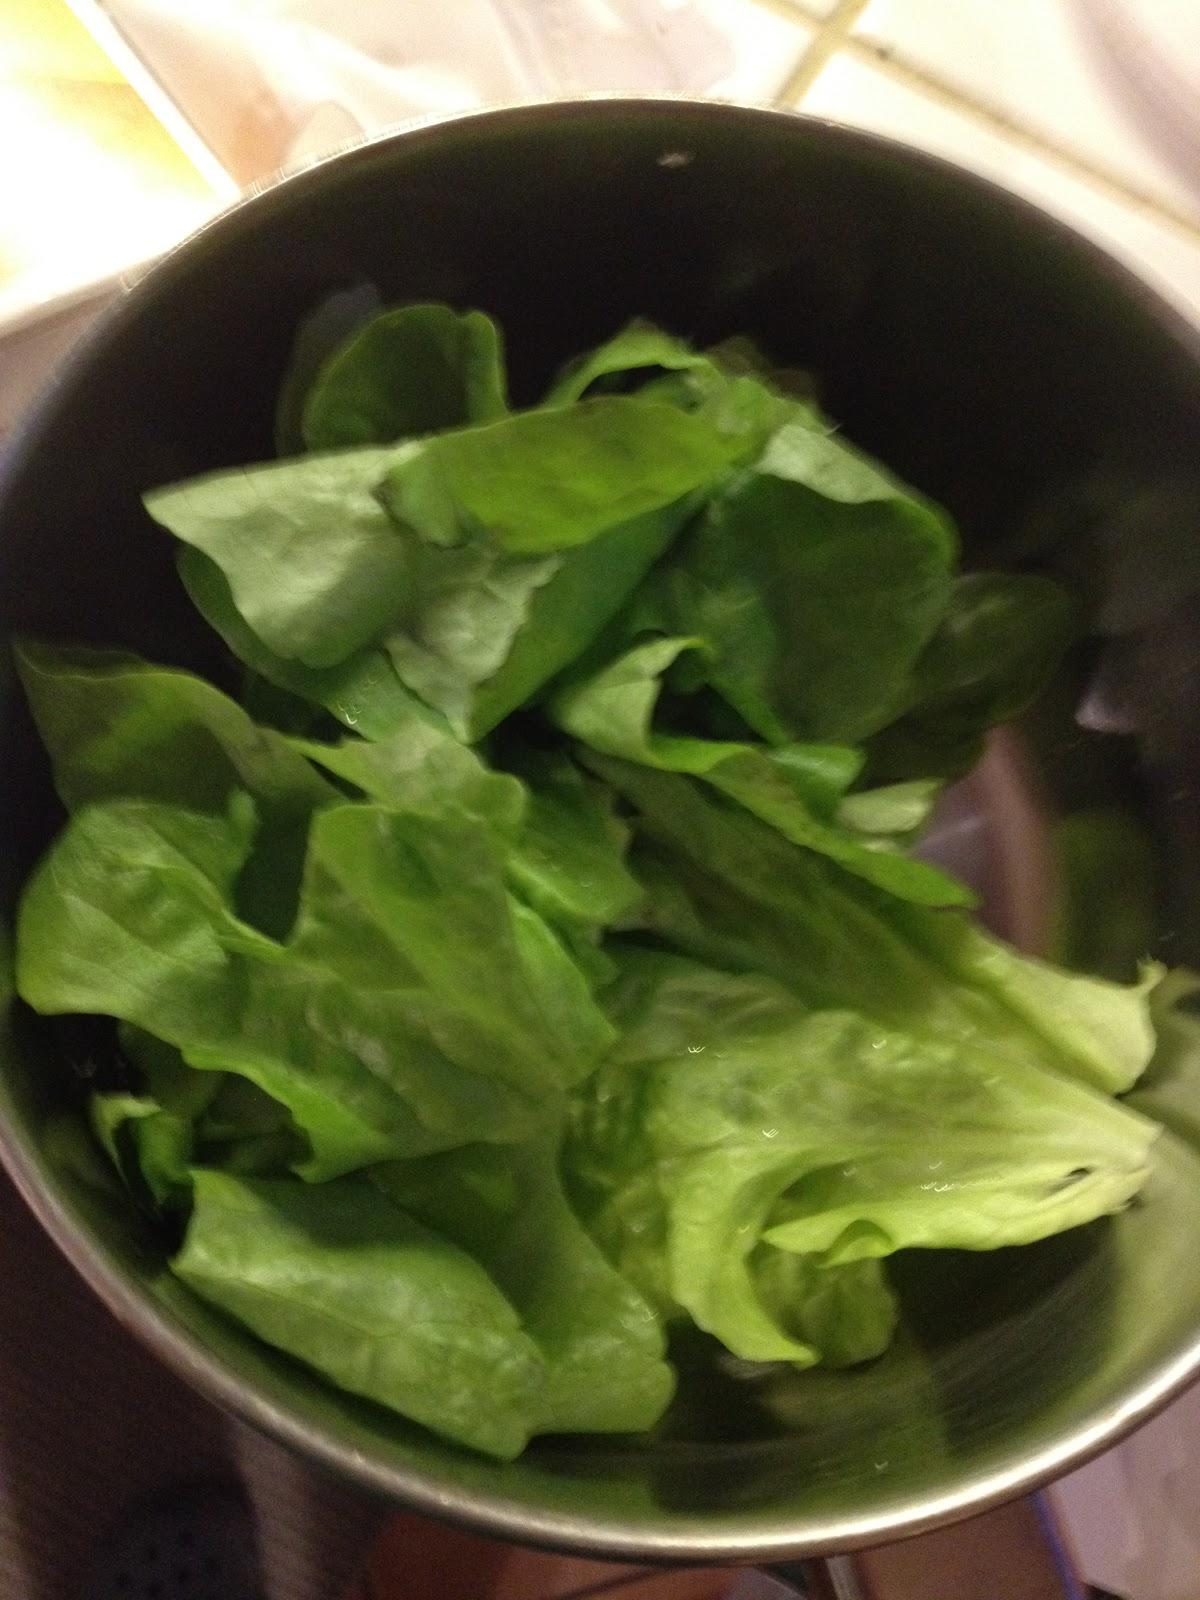 Coloranti alimentari naturali fatti in casa sanotint light tabella colori - Detersivi ecologici fatti in casa ...